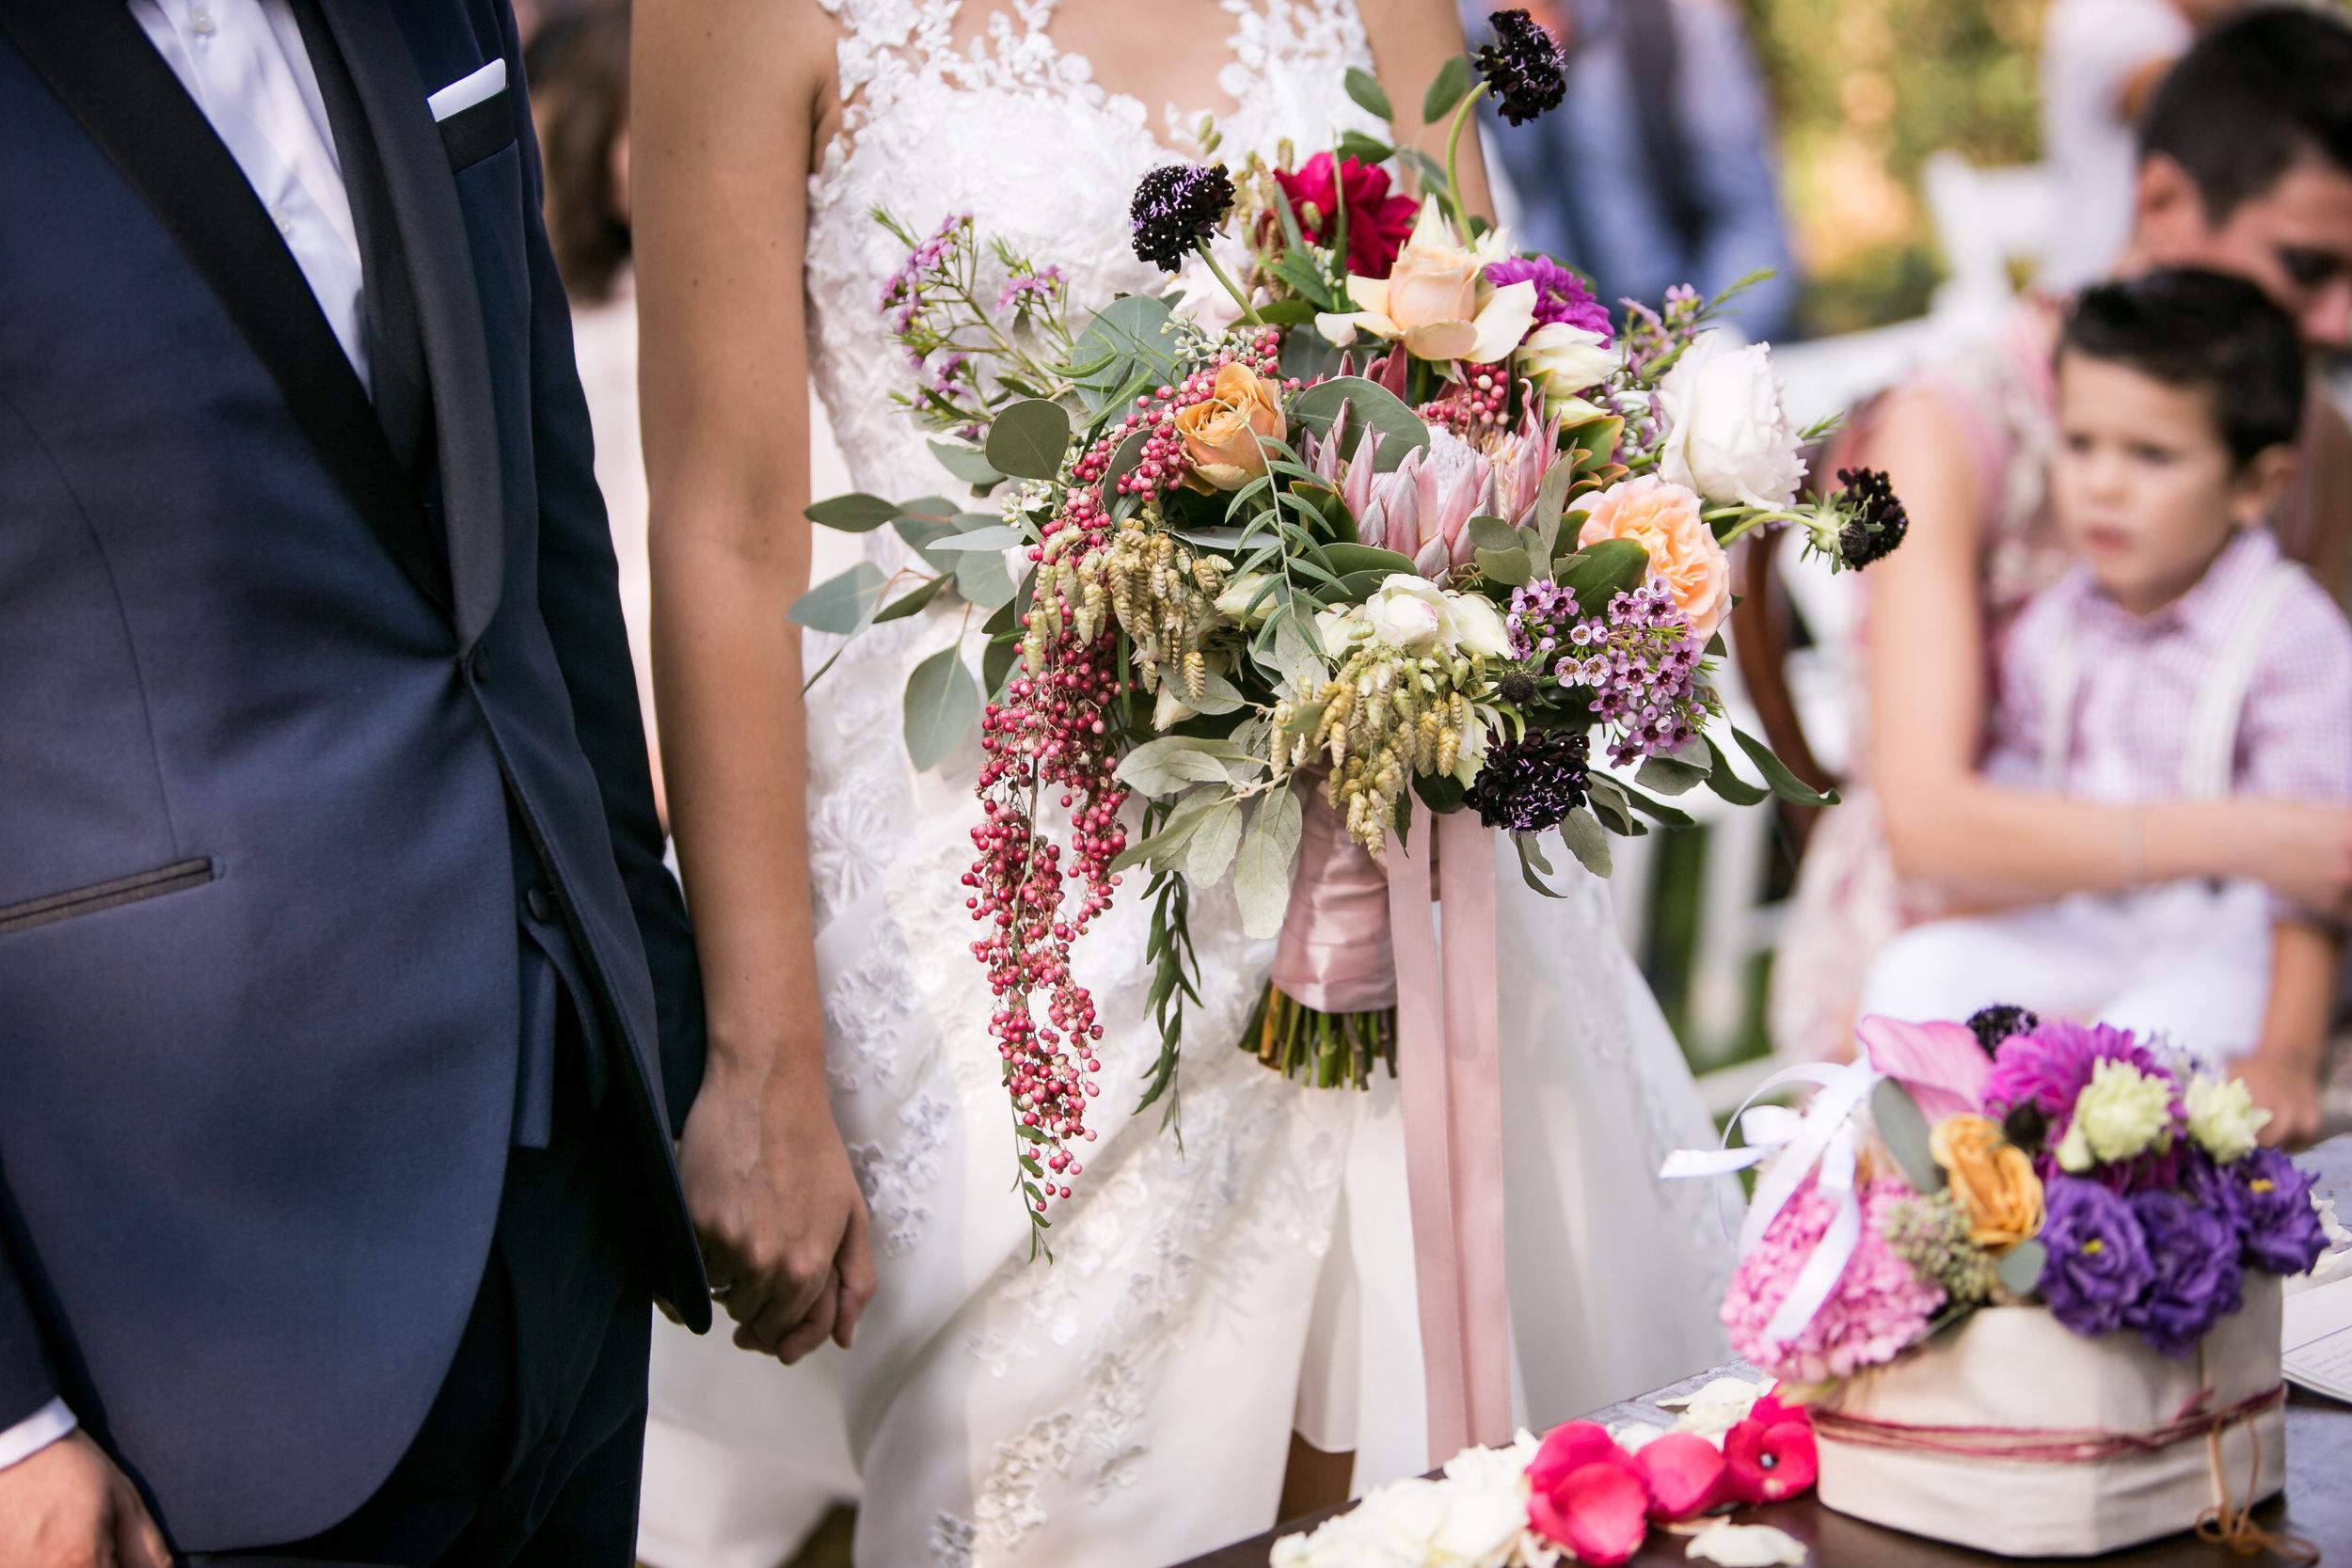 Un dettaglio dello splendido bouquet e degli allestimenti floreali della cerimonia a opera di Hanami Flowers.